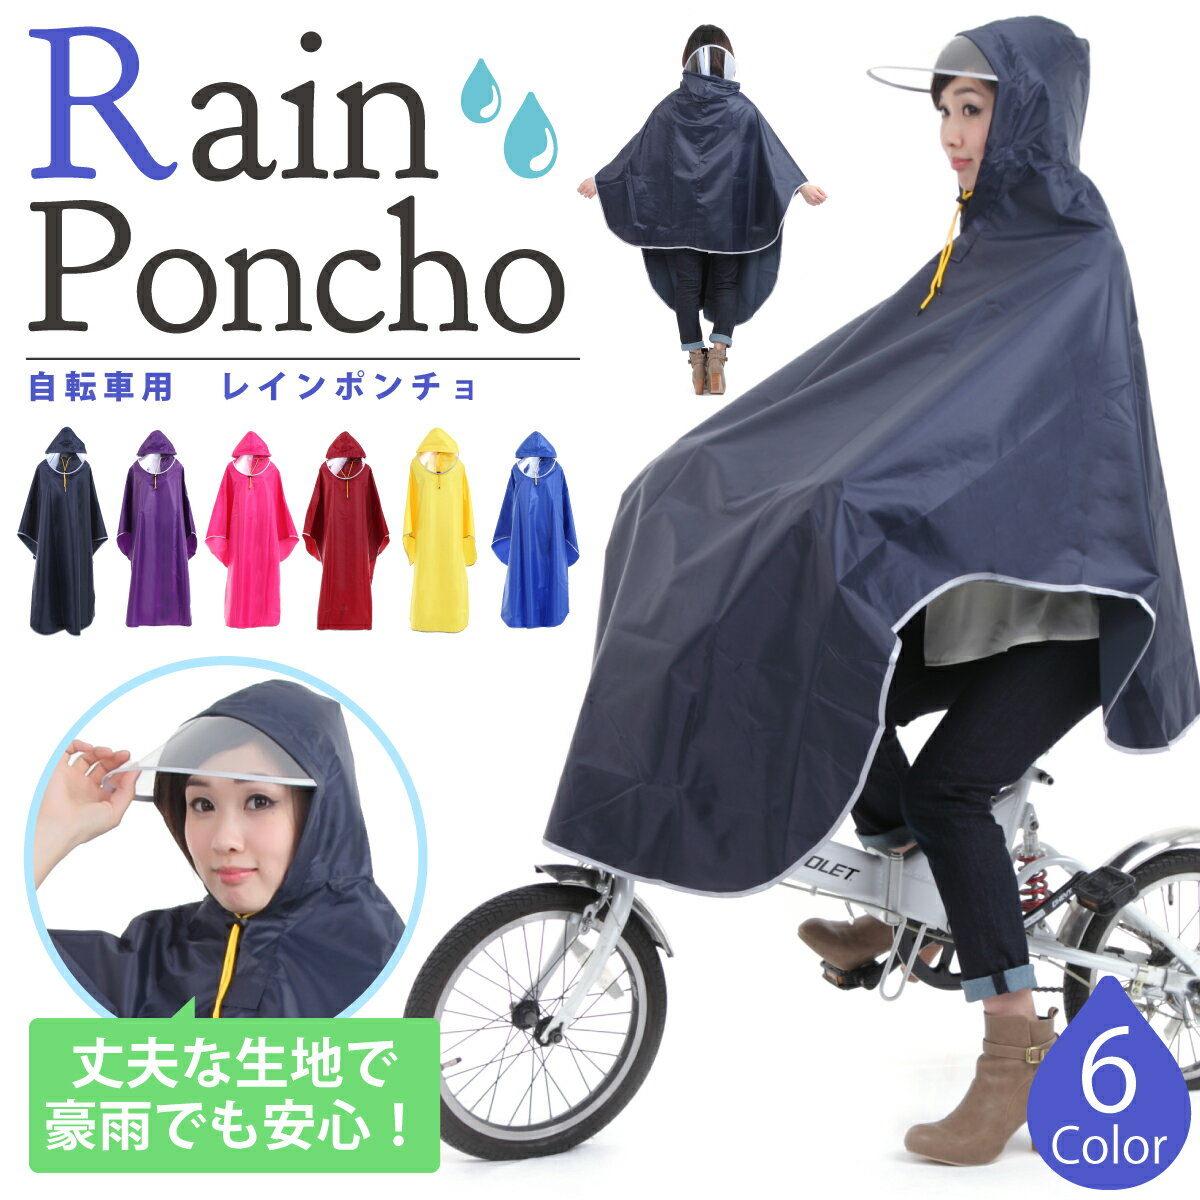 レインウエア 自転車用 レインコート レインポンチョ レインスーツ 梅雨 雨具 細身 おしゃれ 通勤 通学 雨合羽 カッパ 雨具 防水 男女兼用